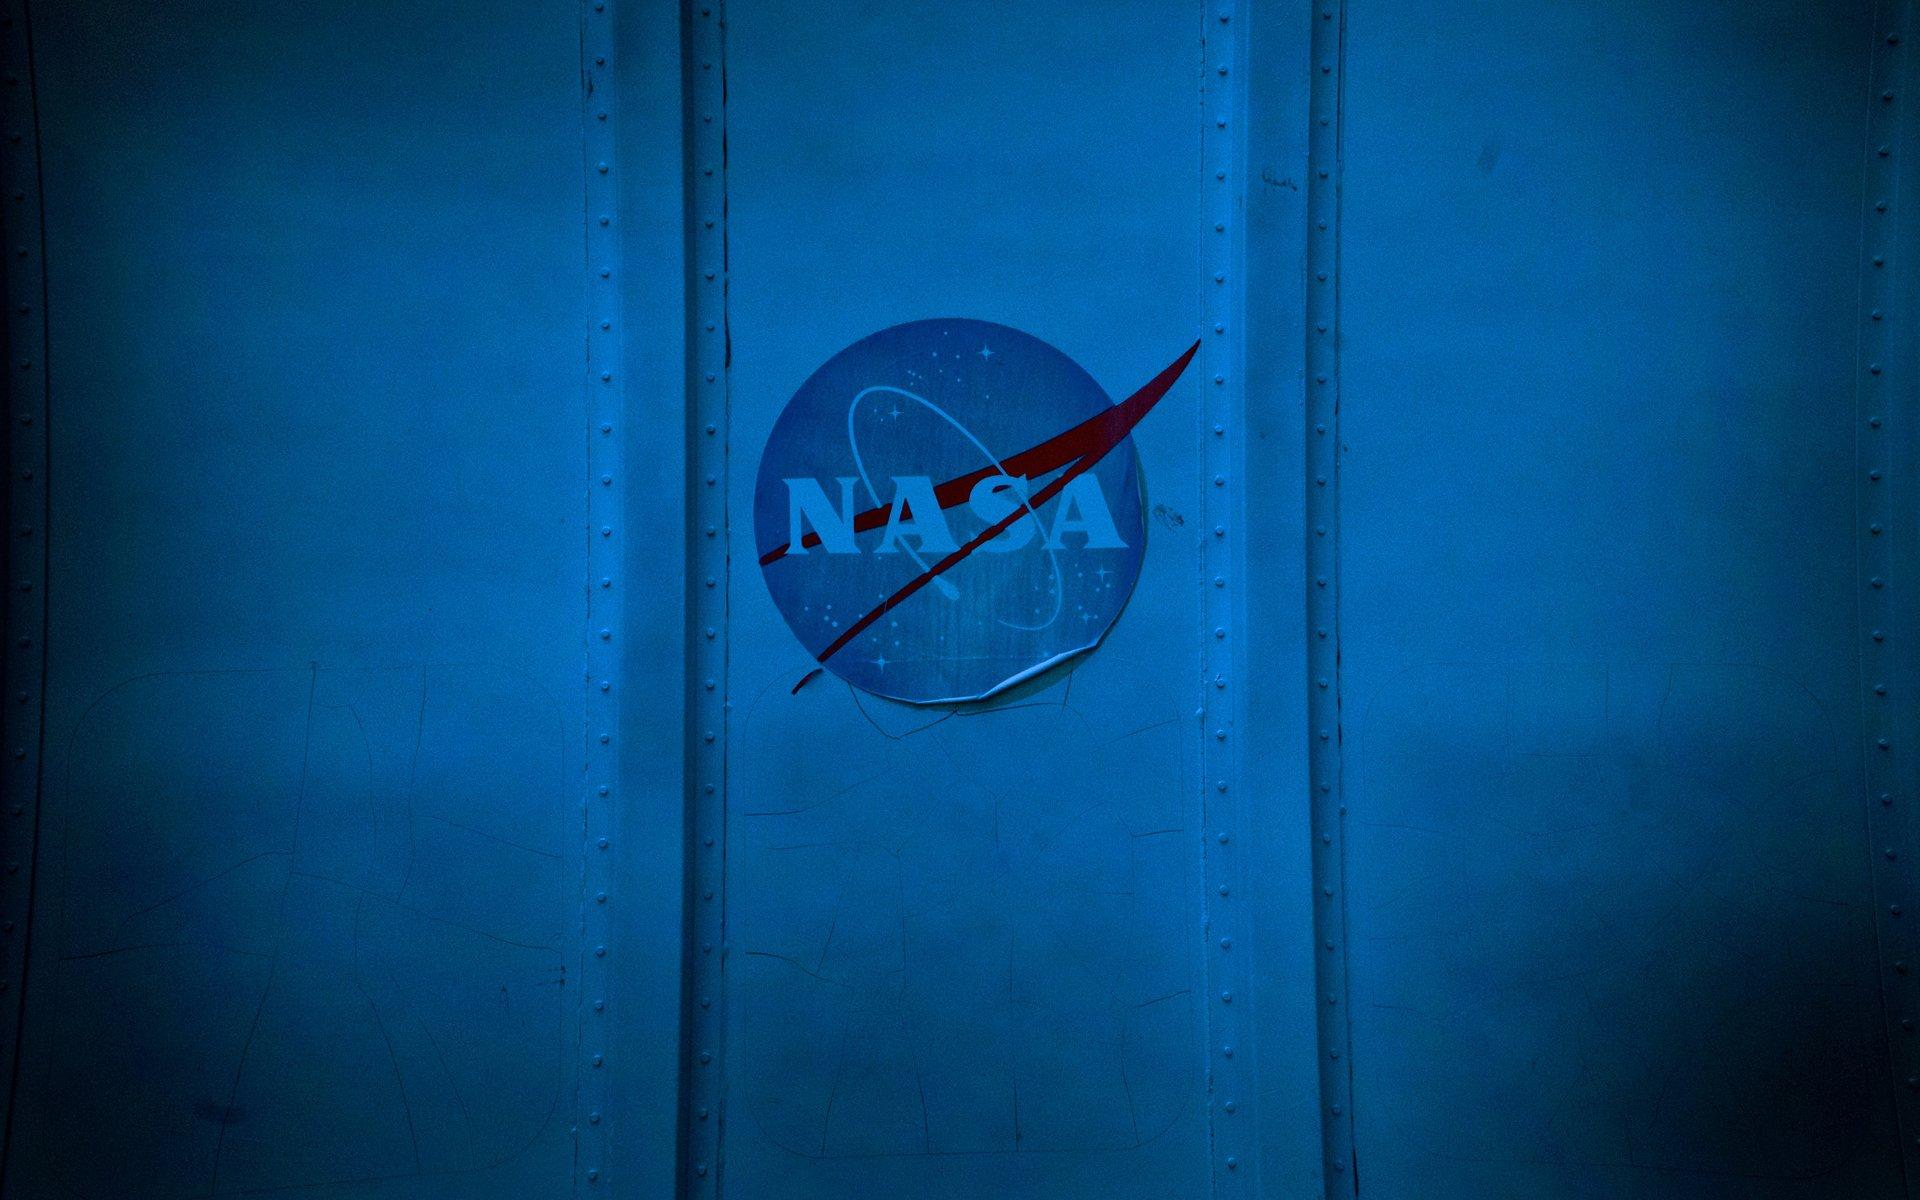 NASA iPhone Wallpaper - WallpaperSafari